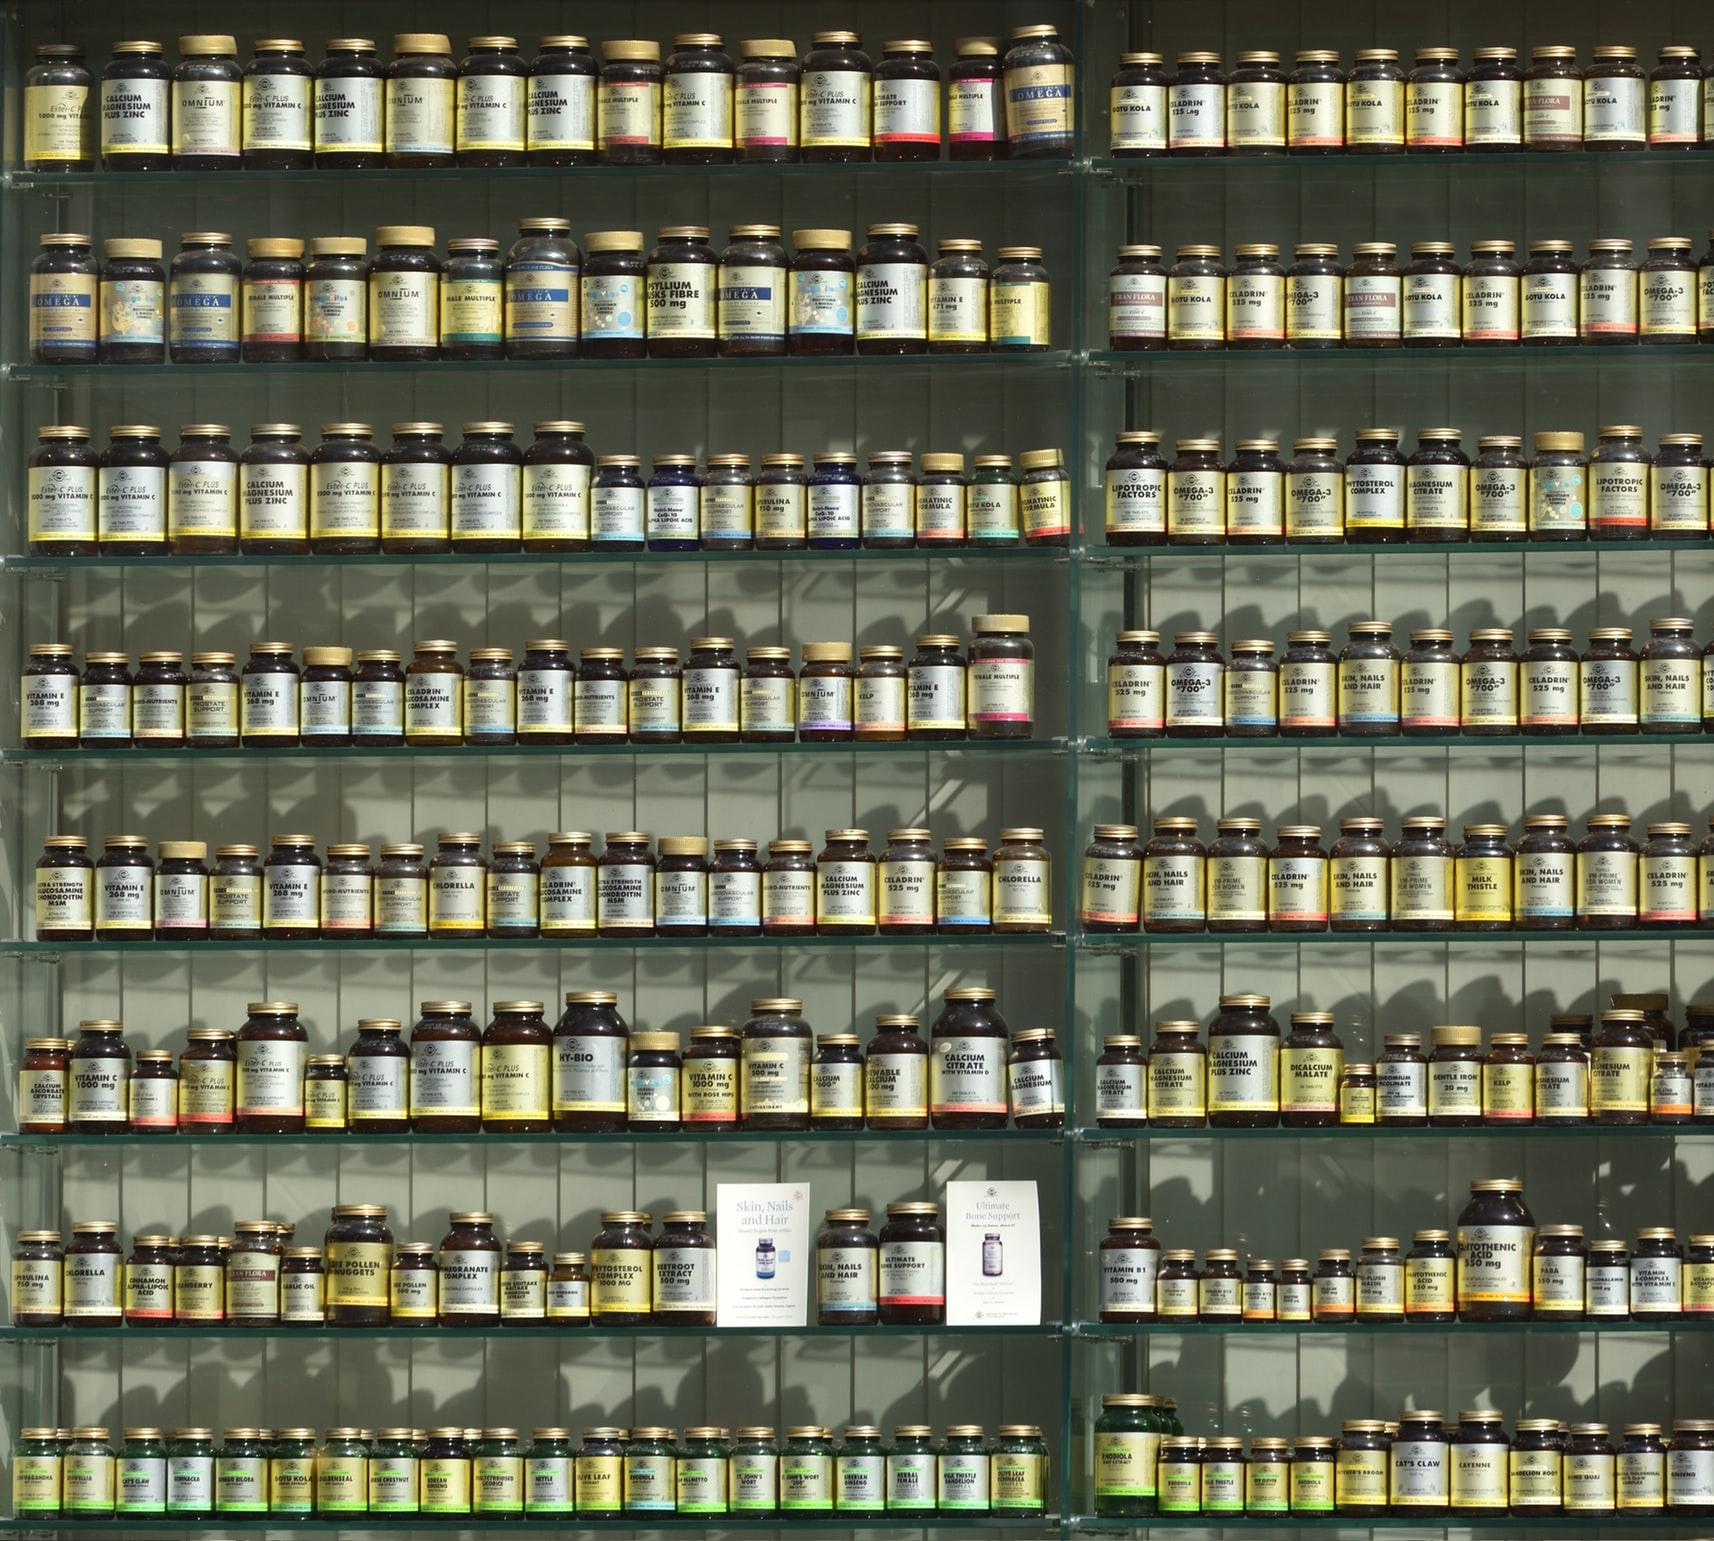 【悲報】ワイジ、摂取する筋トレサプリが30種類を越える